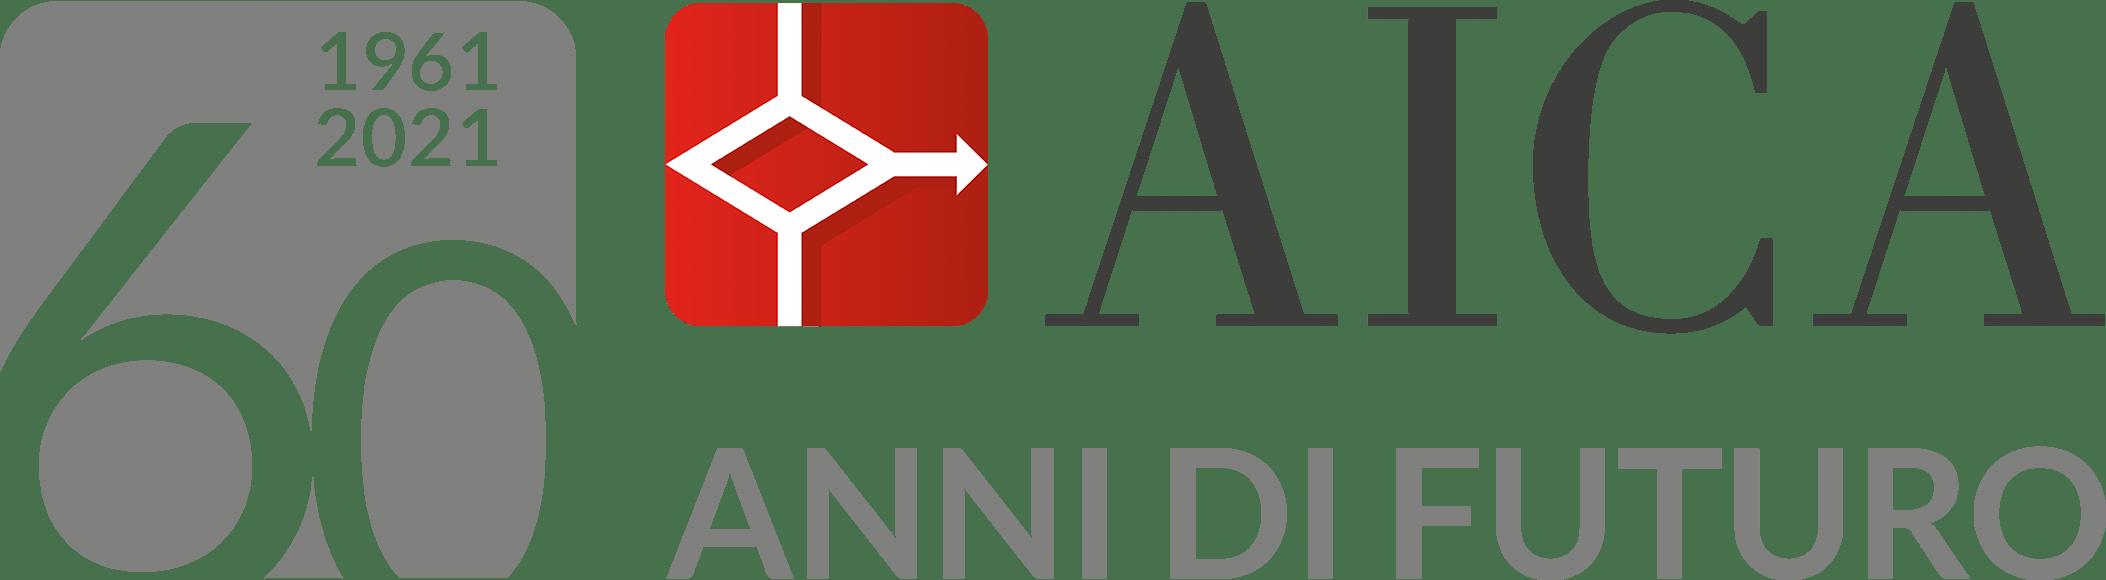 Logo_AICA-60ANNIDIFUTURO_Color